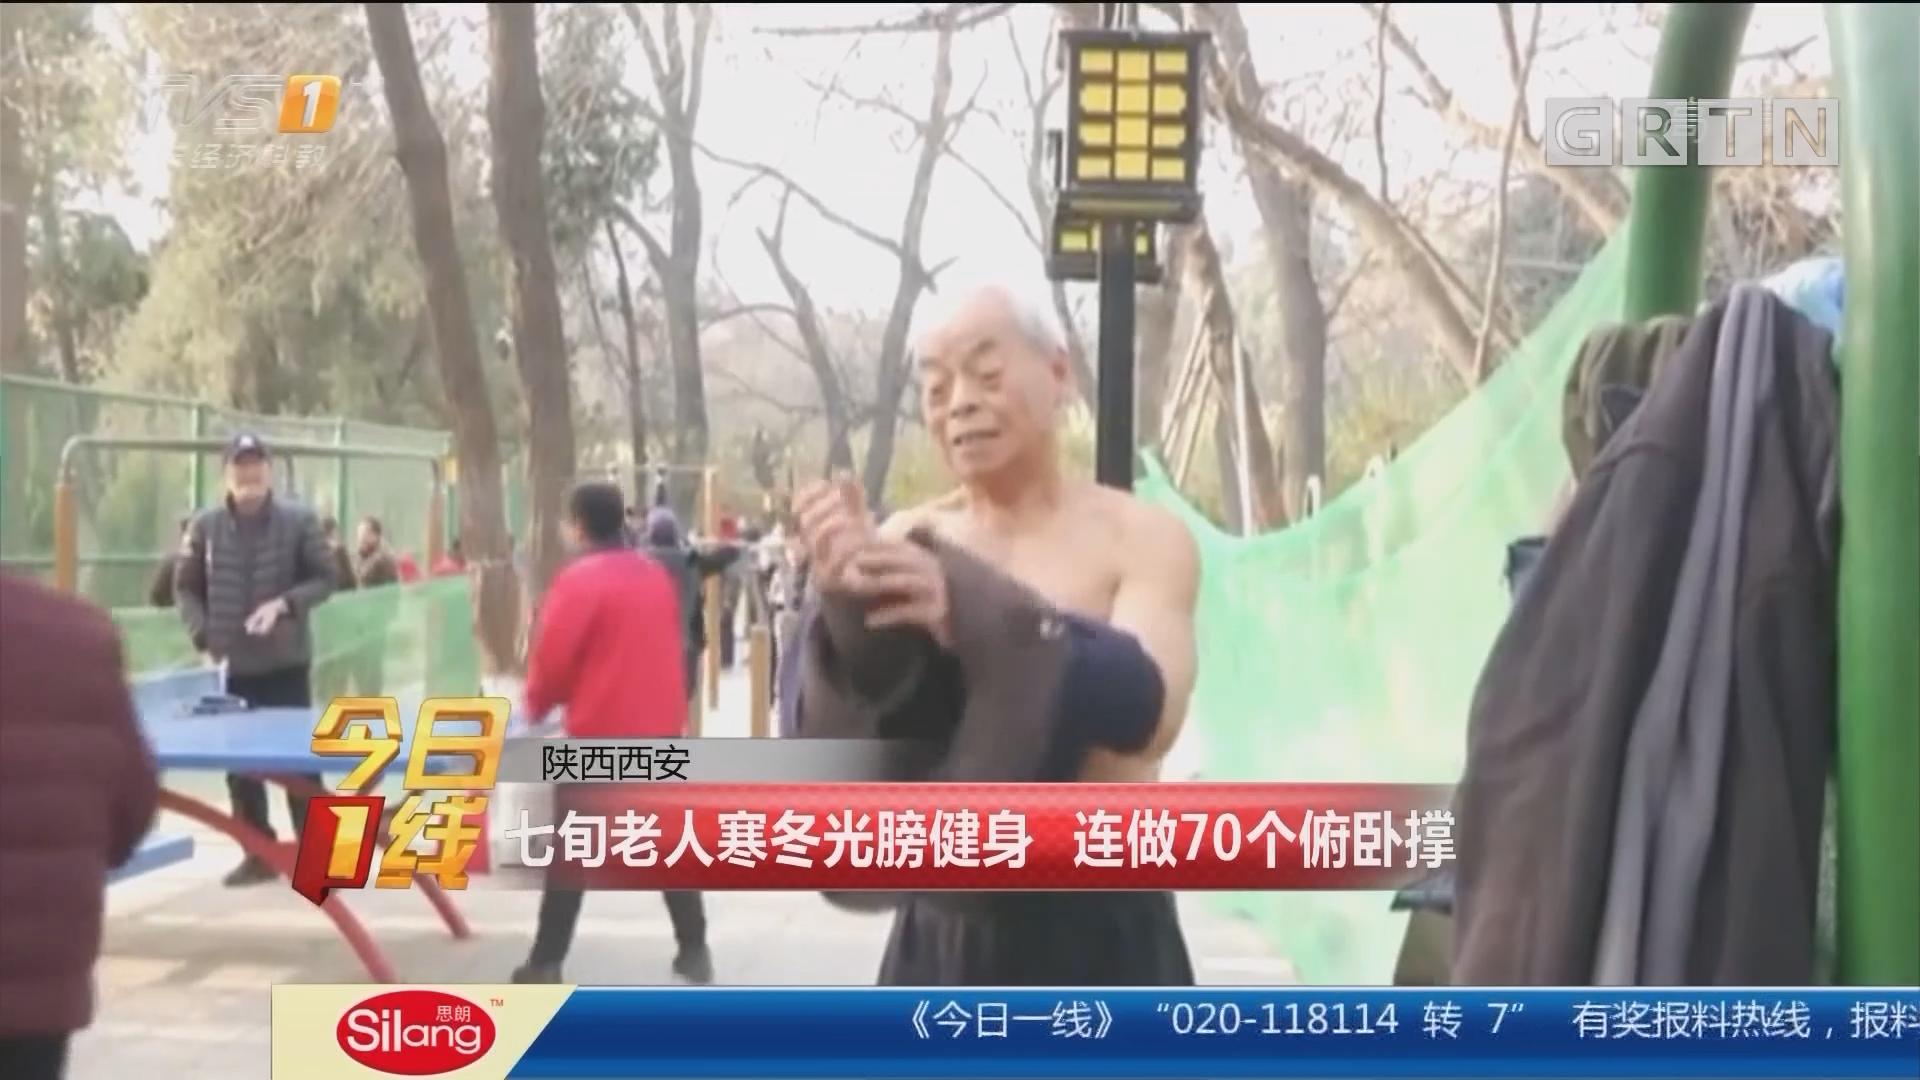 陕西西安:七旬老人寒冬光膀健身 连做70个俯卧撑